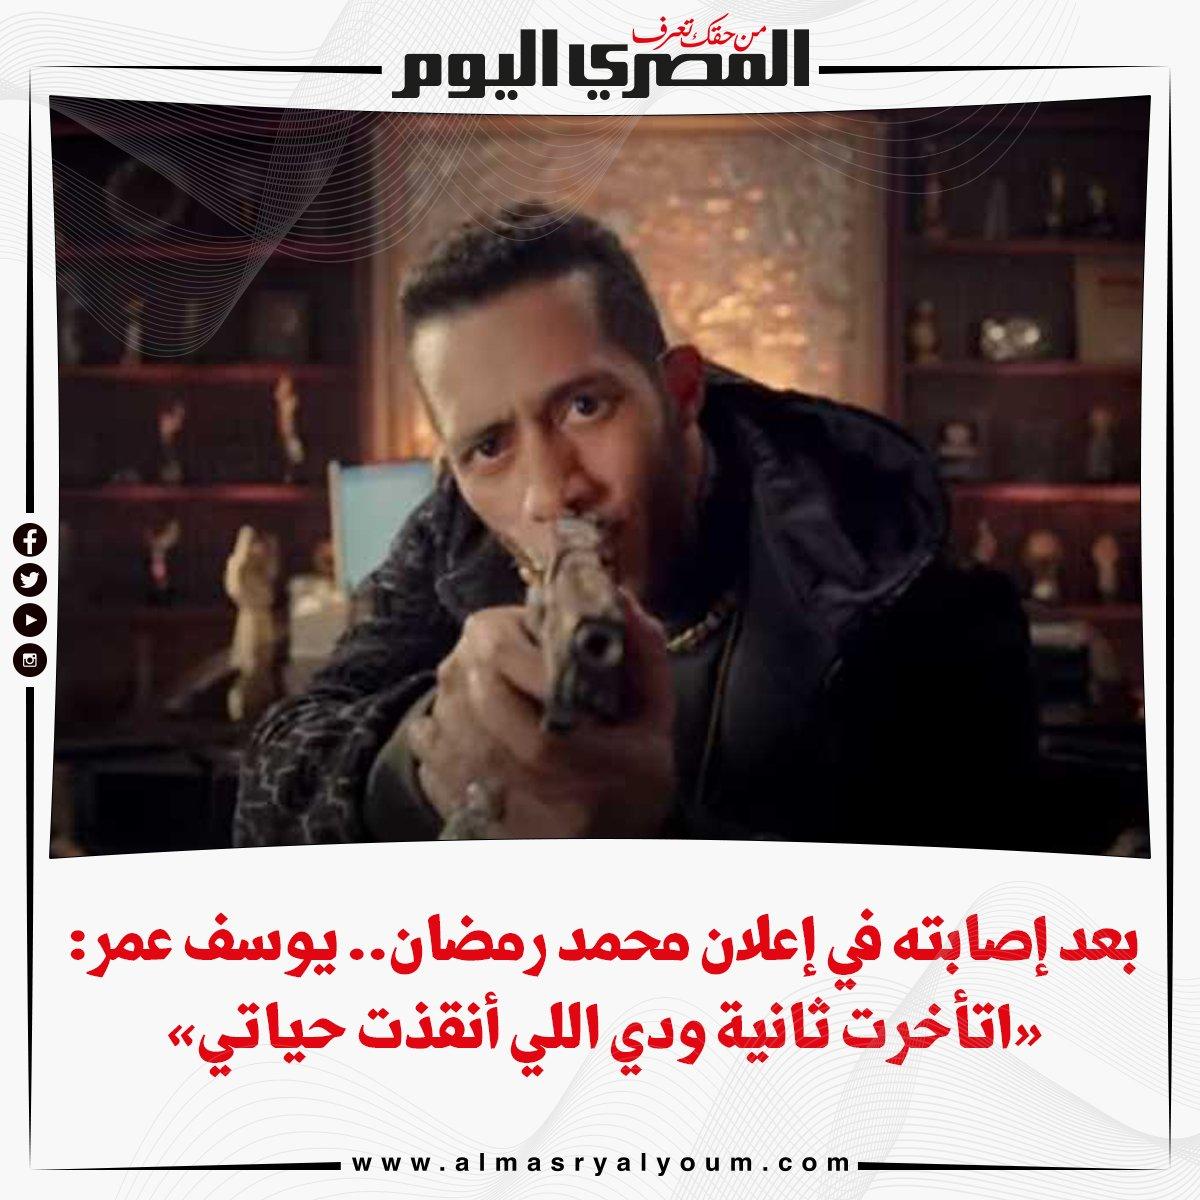 بعد إصابته في إعلان محمد رمضان.. يوسف عمر «اتأخرت ثانية ودي اللي أنقذت حياتي» التفاصيل